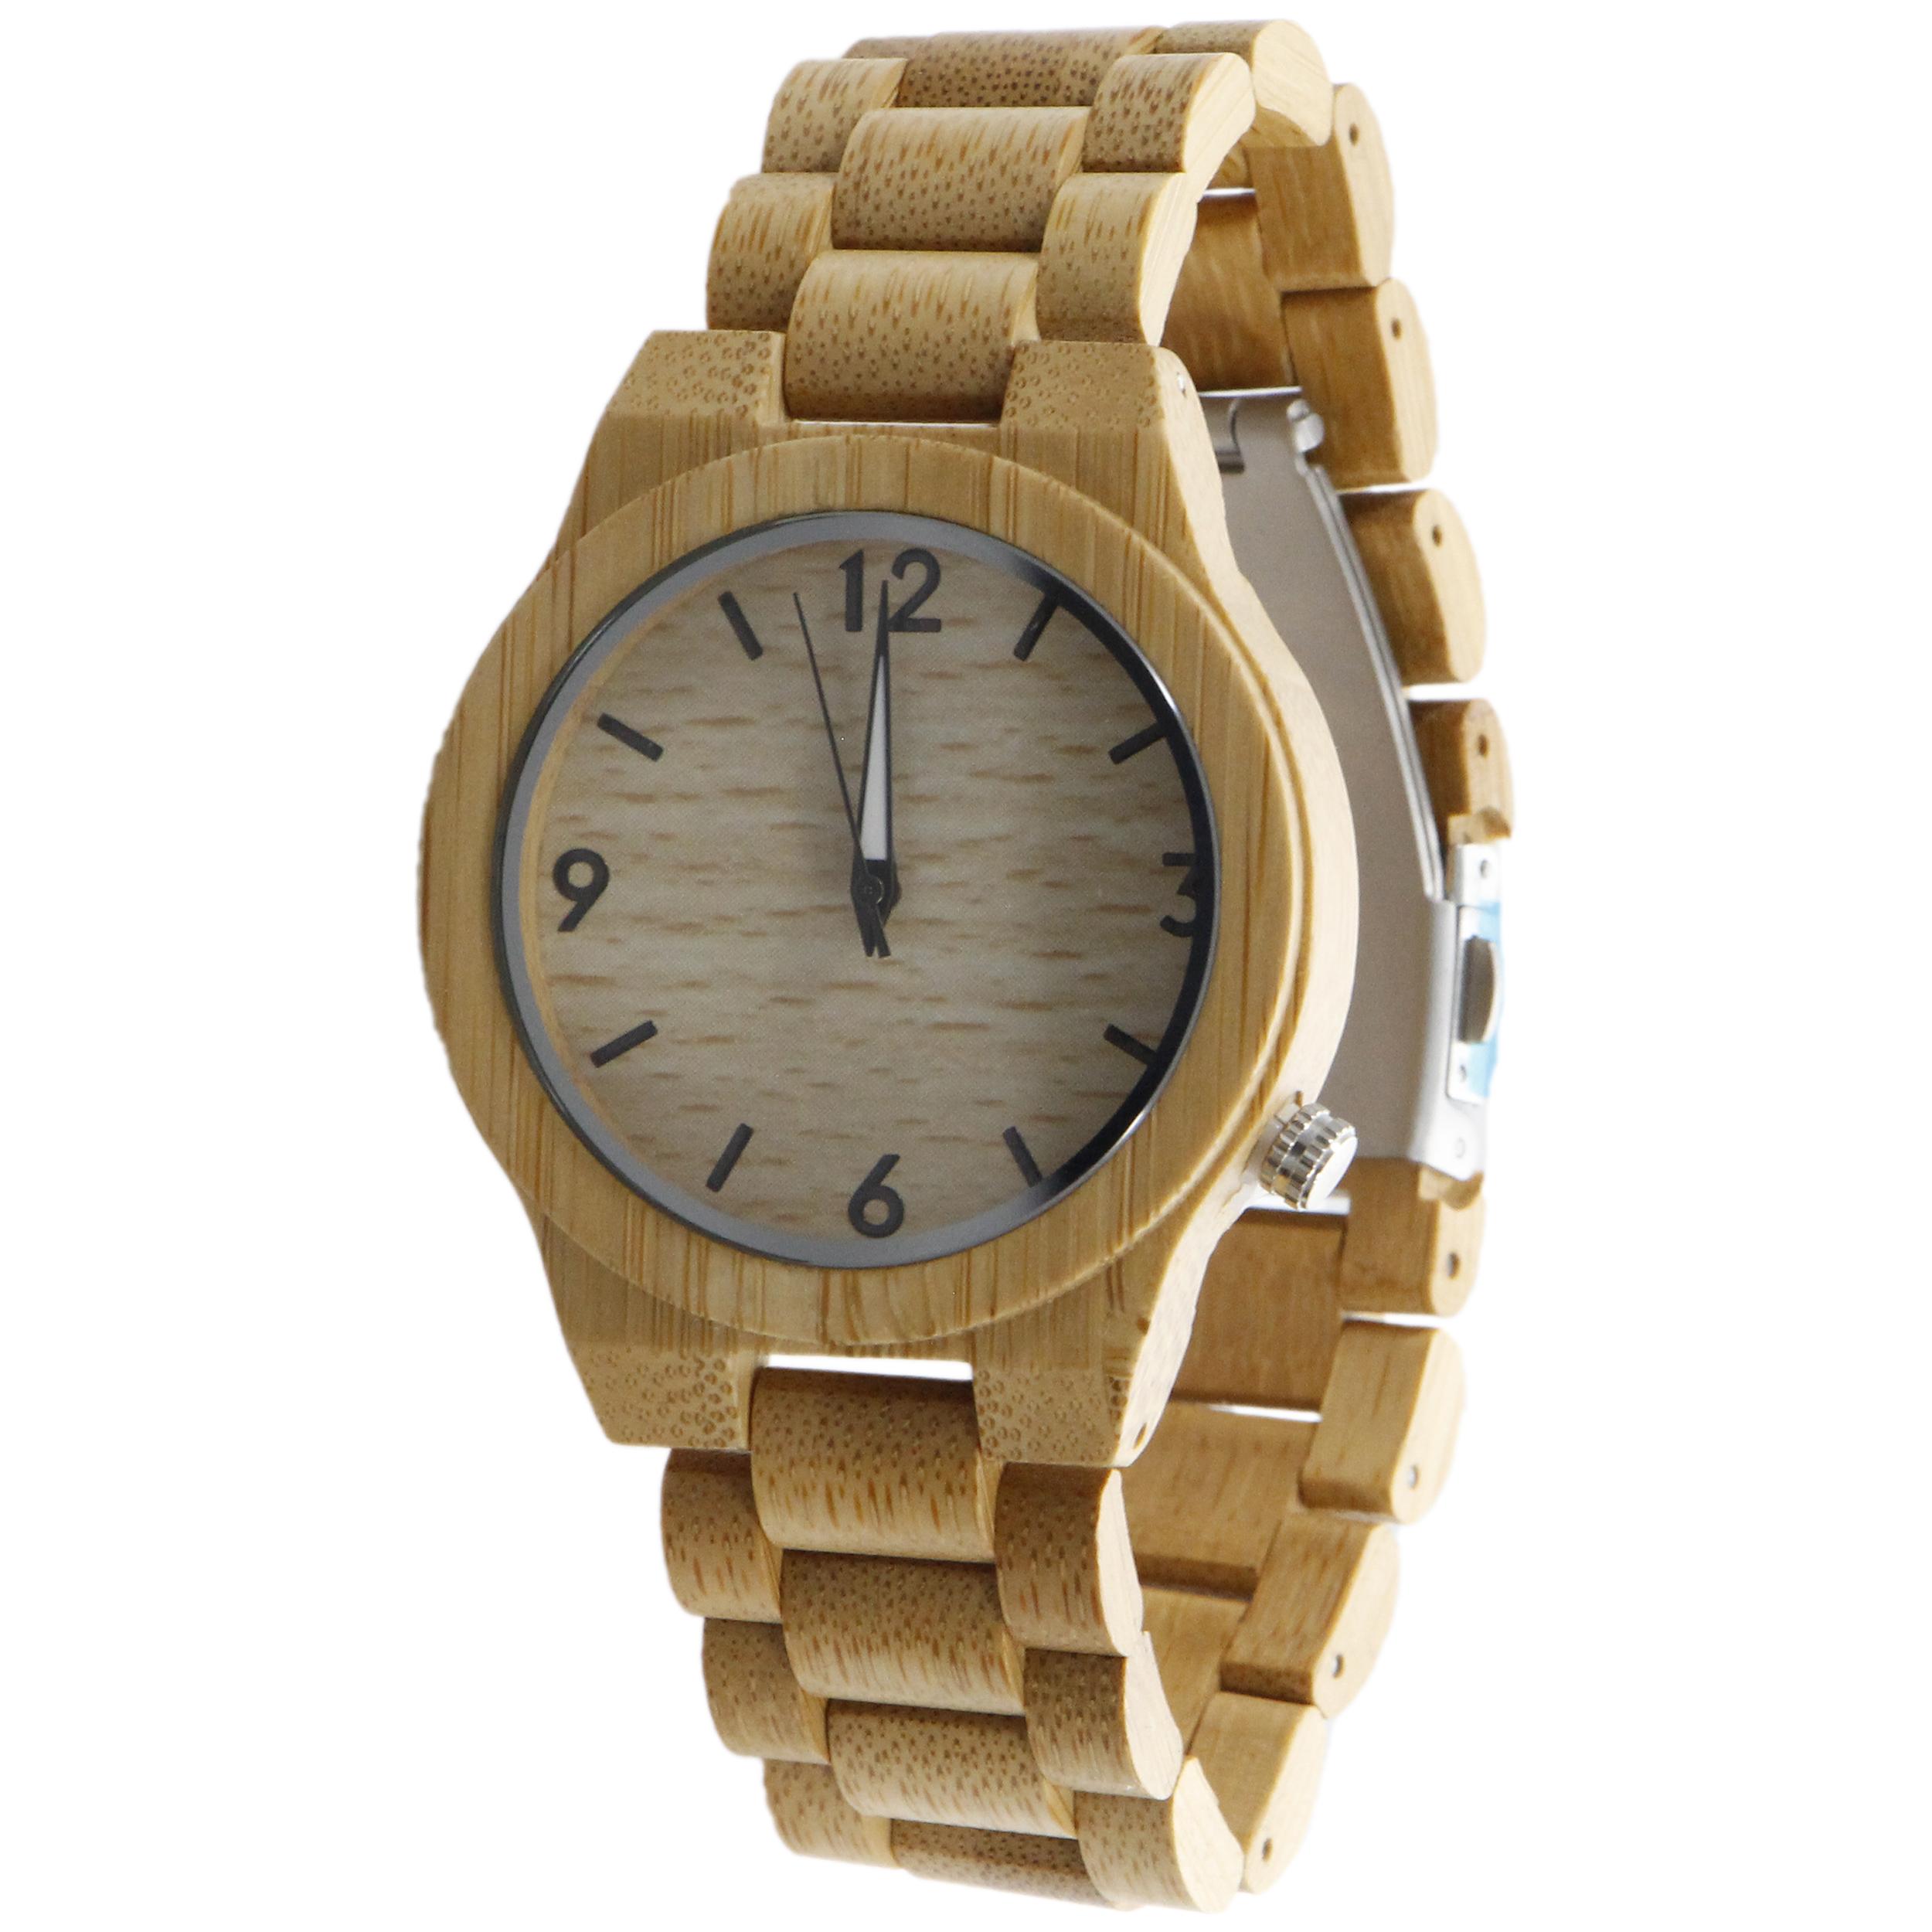 ساعت مچی  چوبی عقربه ای - کد BMK26